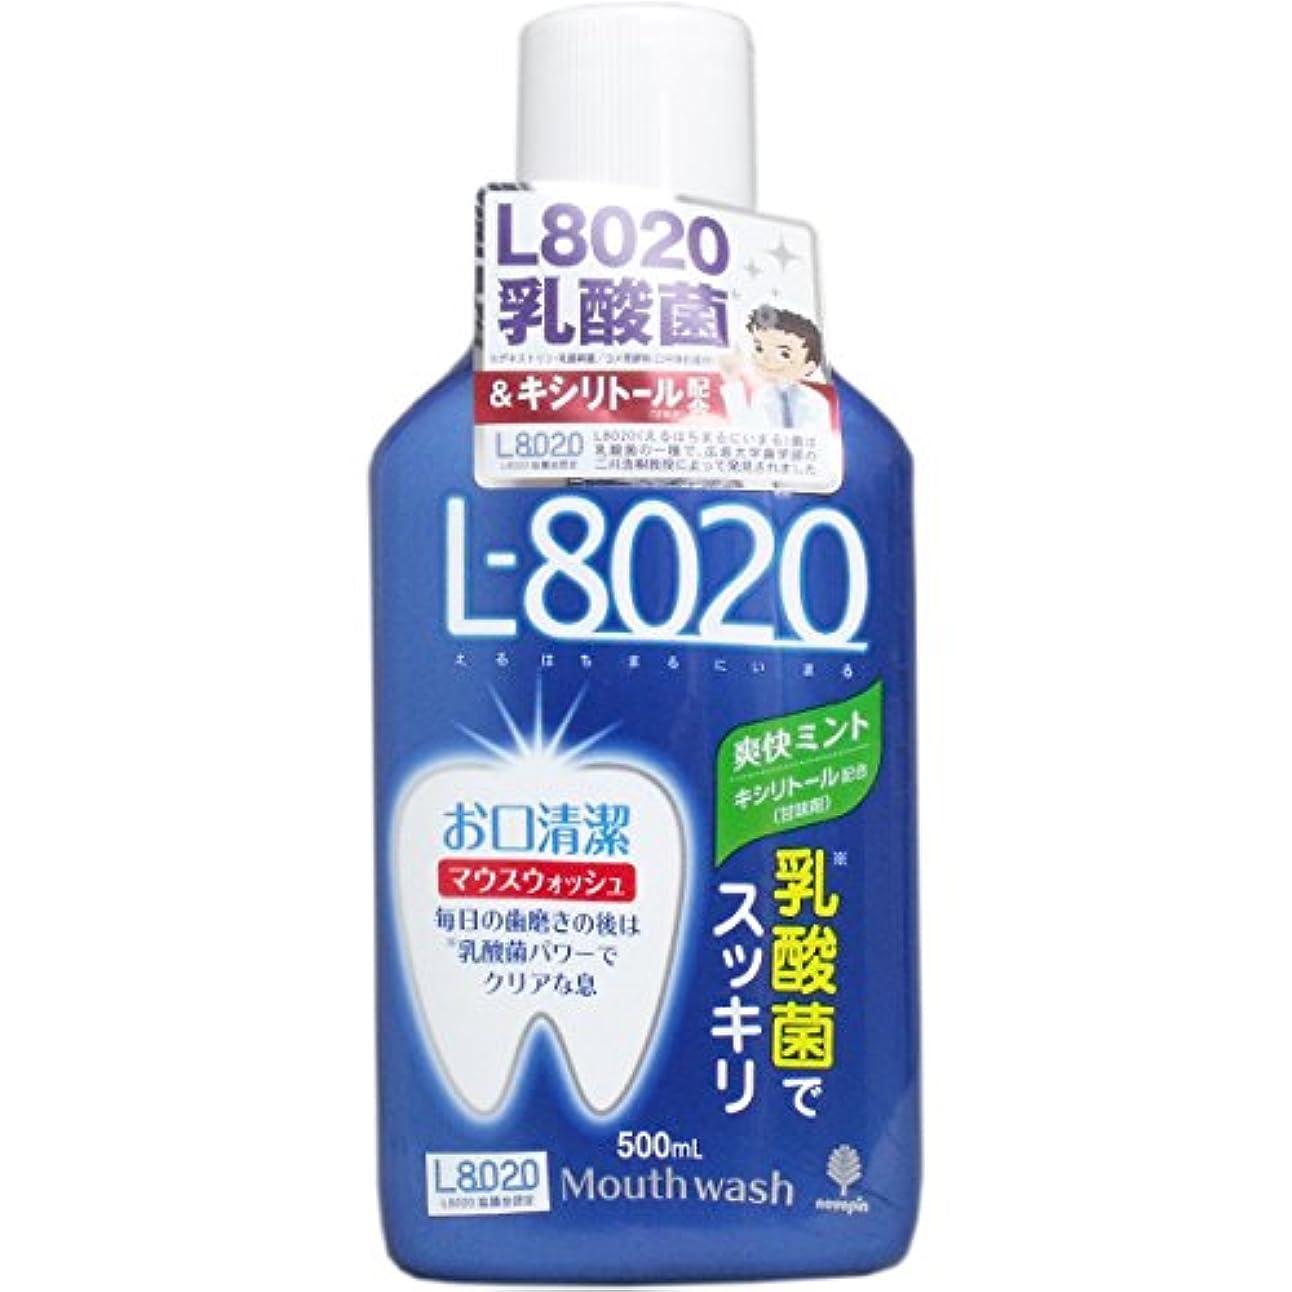 研磨剤ジャニスお手入れ紀陽除虫菊 マウスウォッシュ クチュッペL-8020 爽快ミント 500ml (5個)